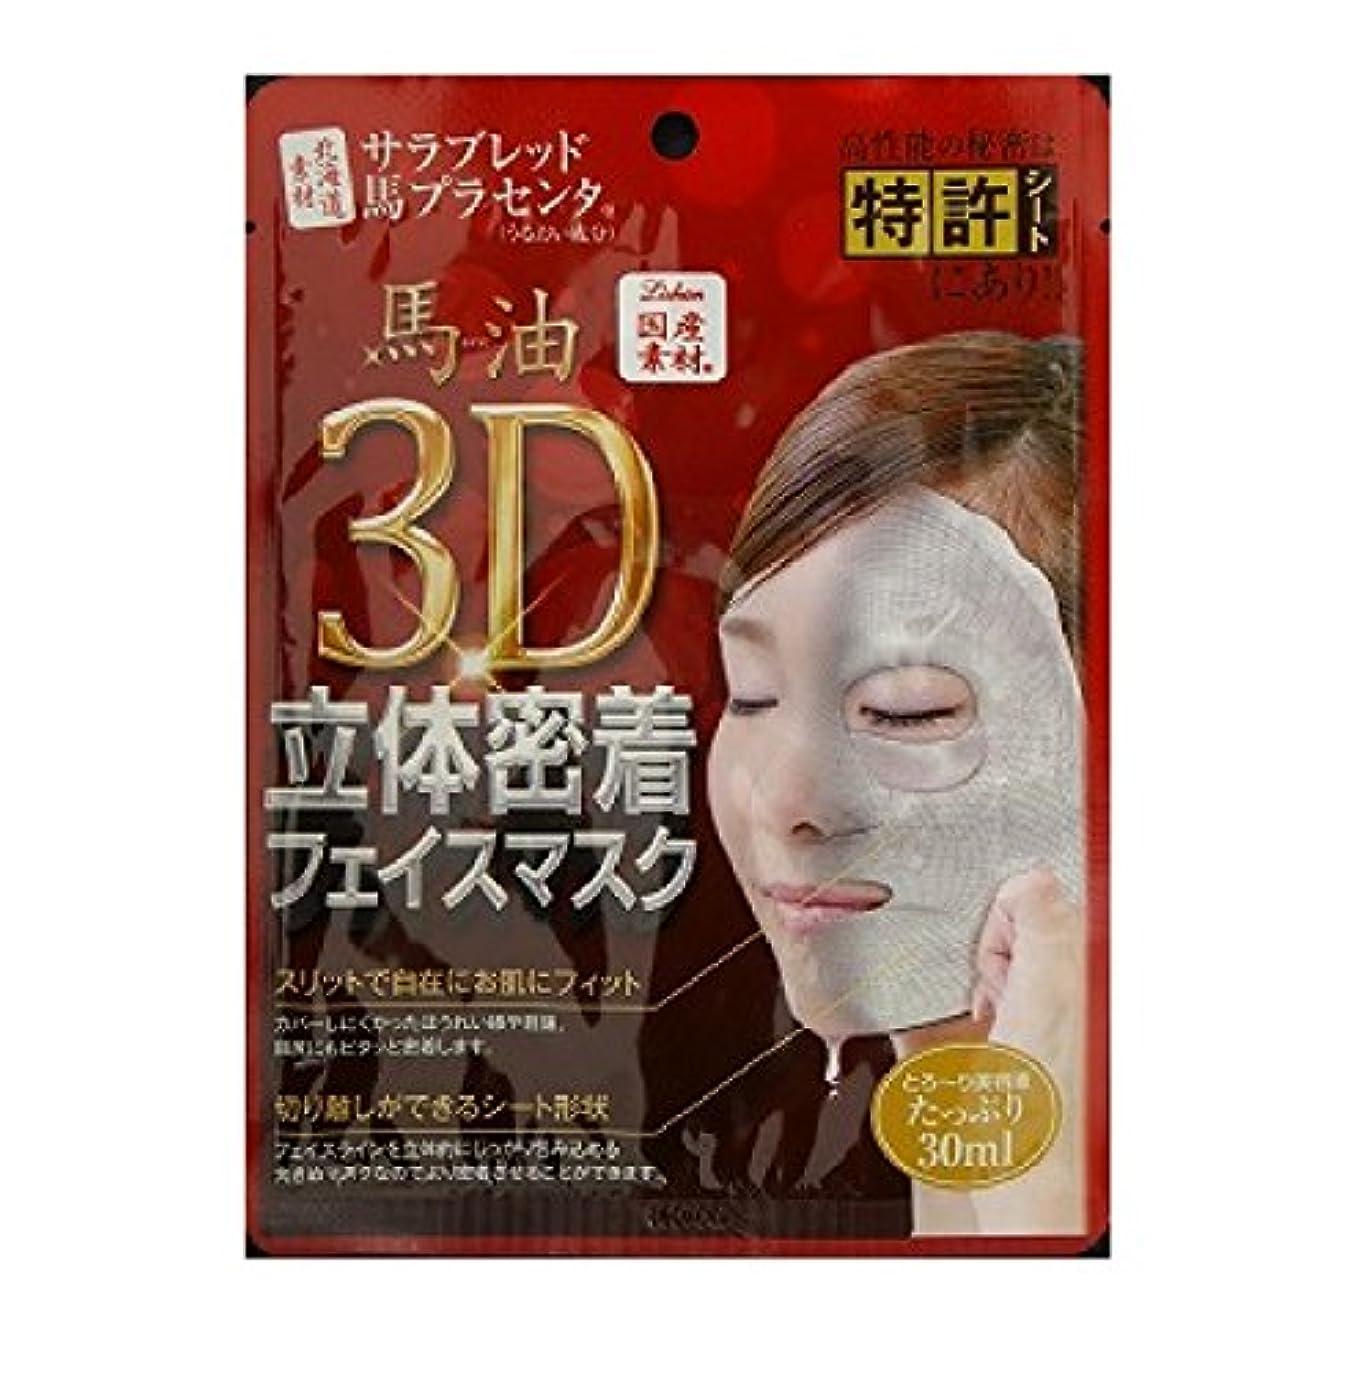 ナヴィス リシャン馬油3D立体密着フェイスマスク無香料 1枚入り